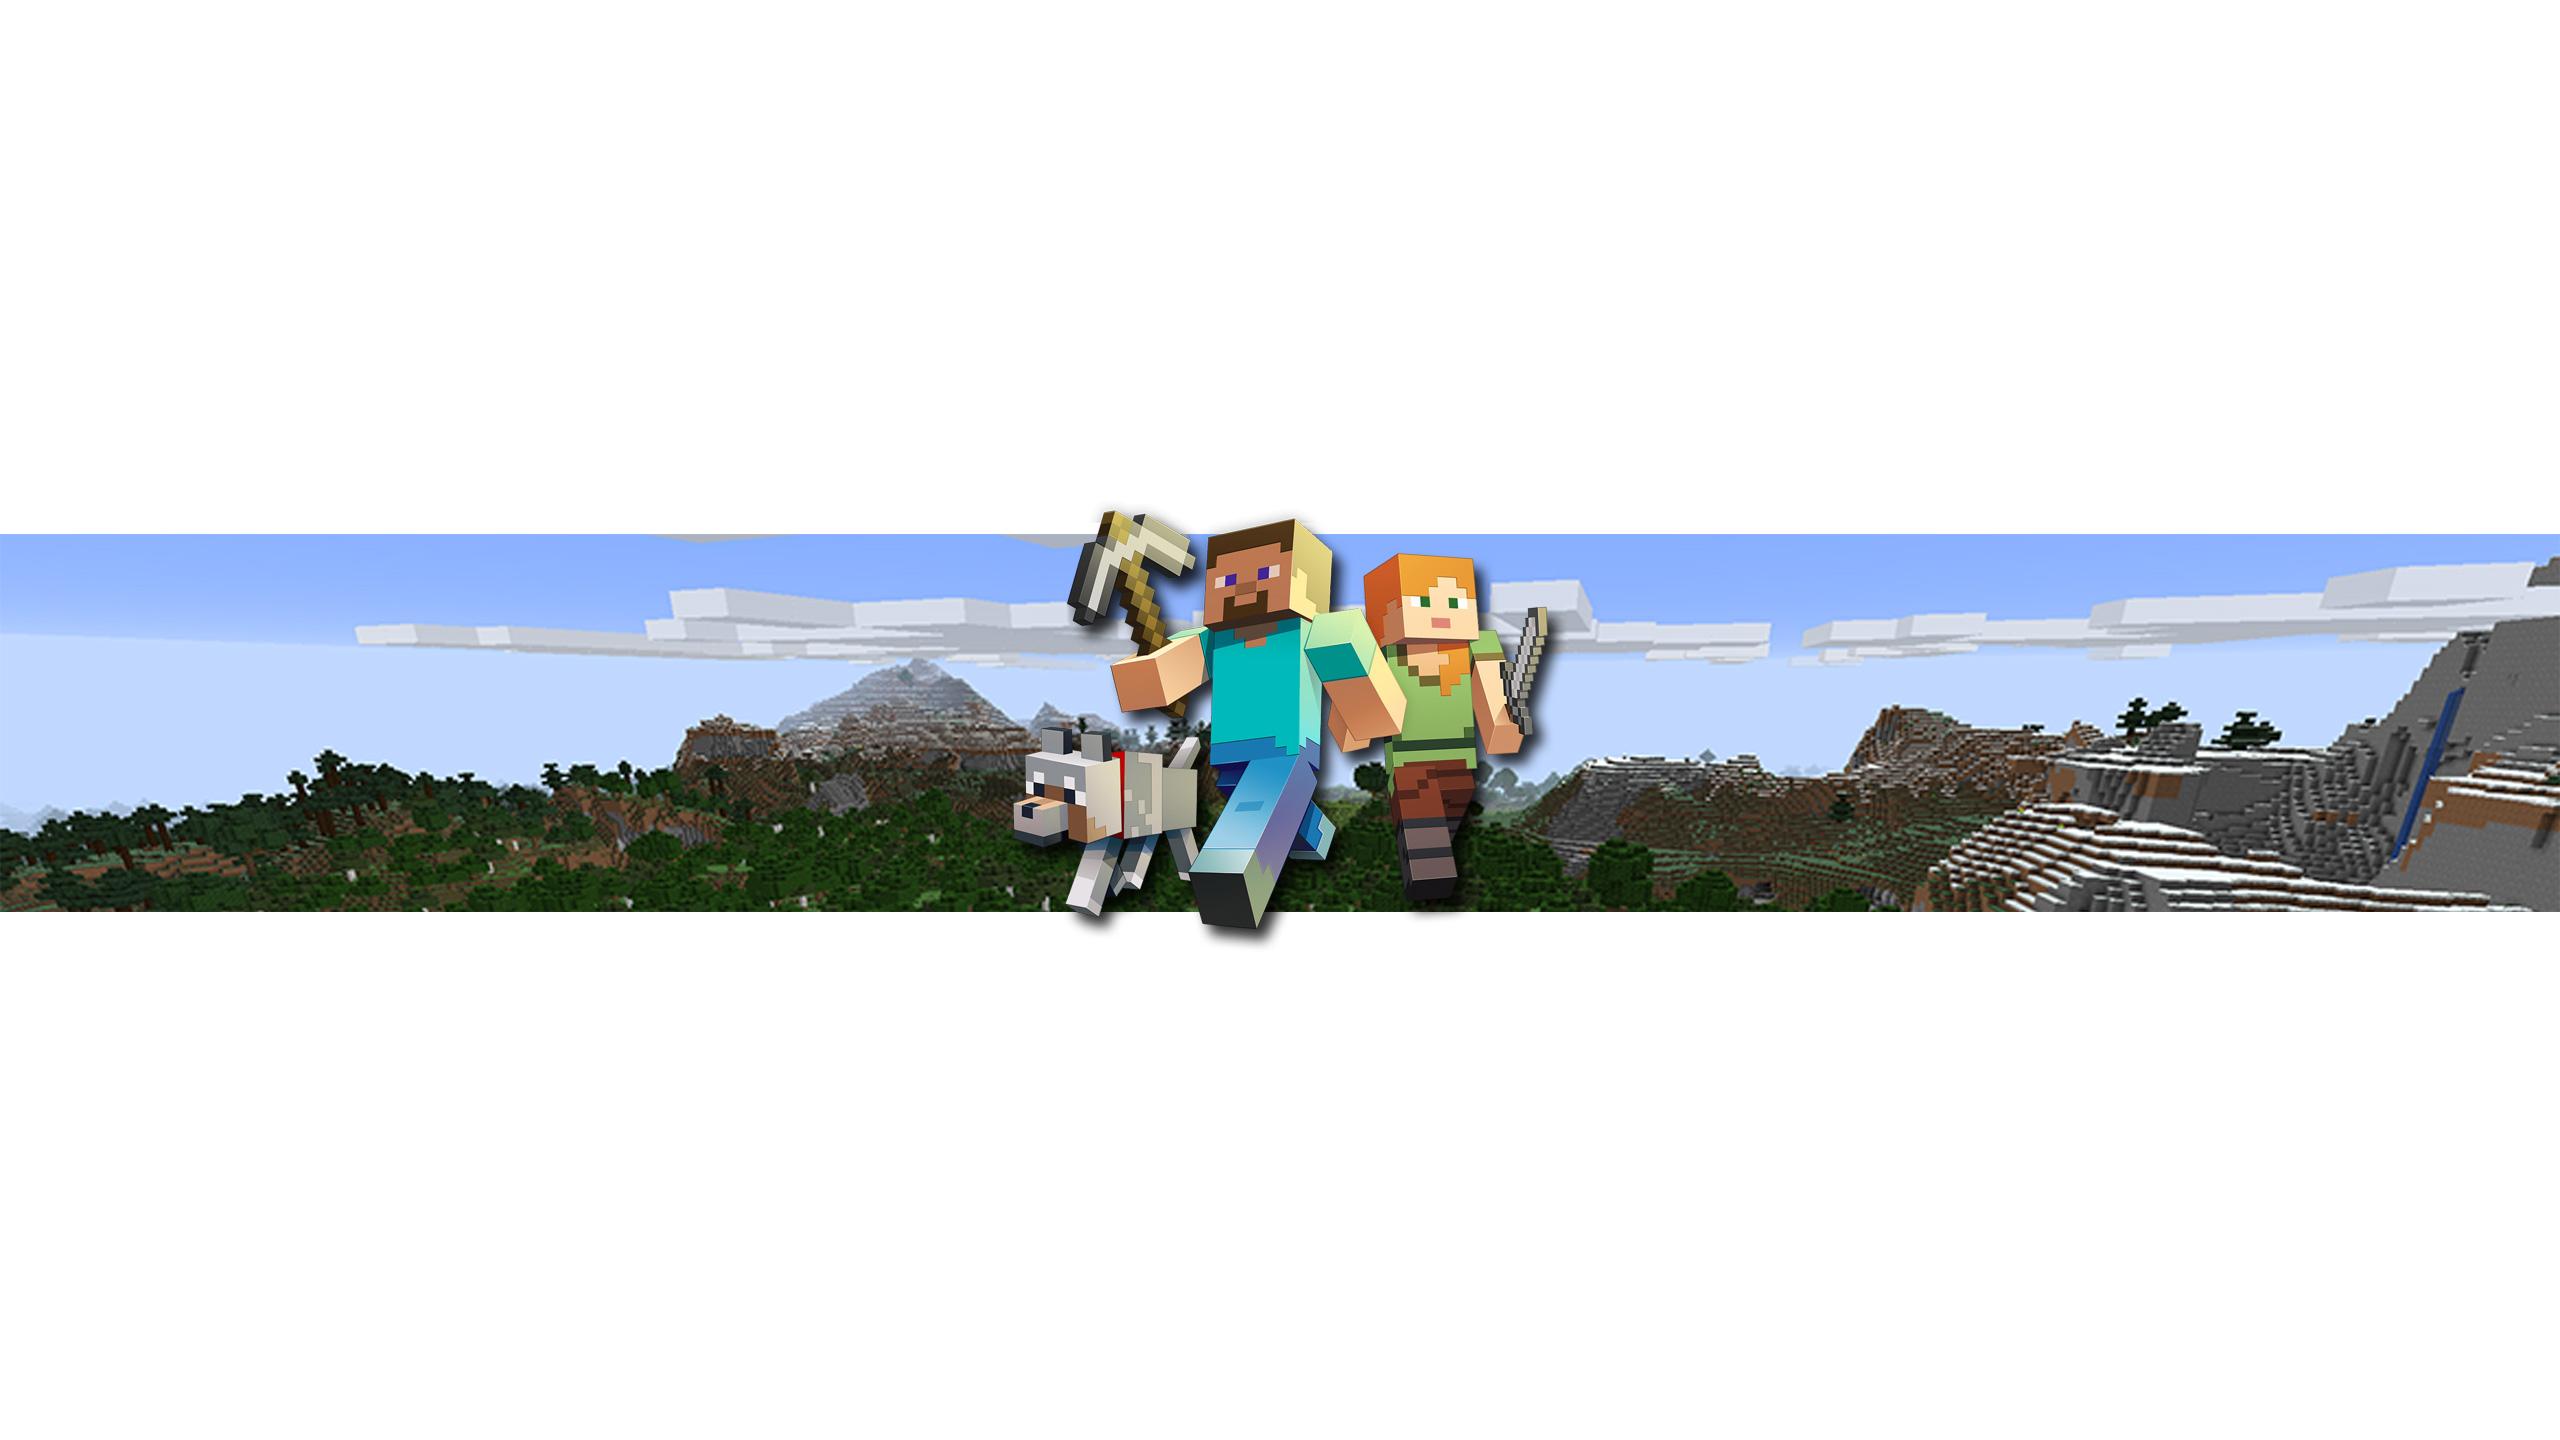 Картина для фона на ютуб с персонажами игры майнкрафт Стивом и Алекс.